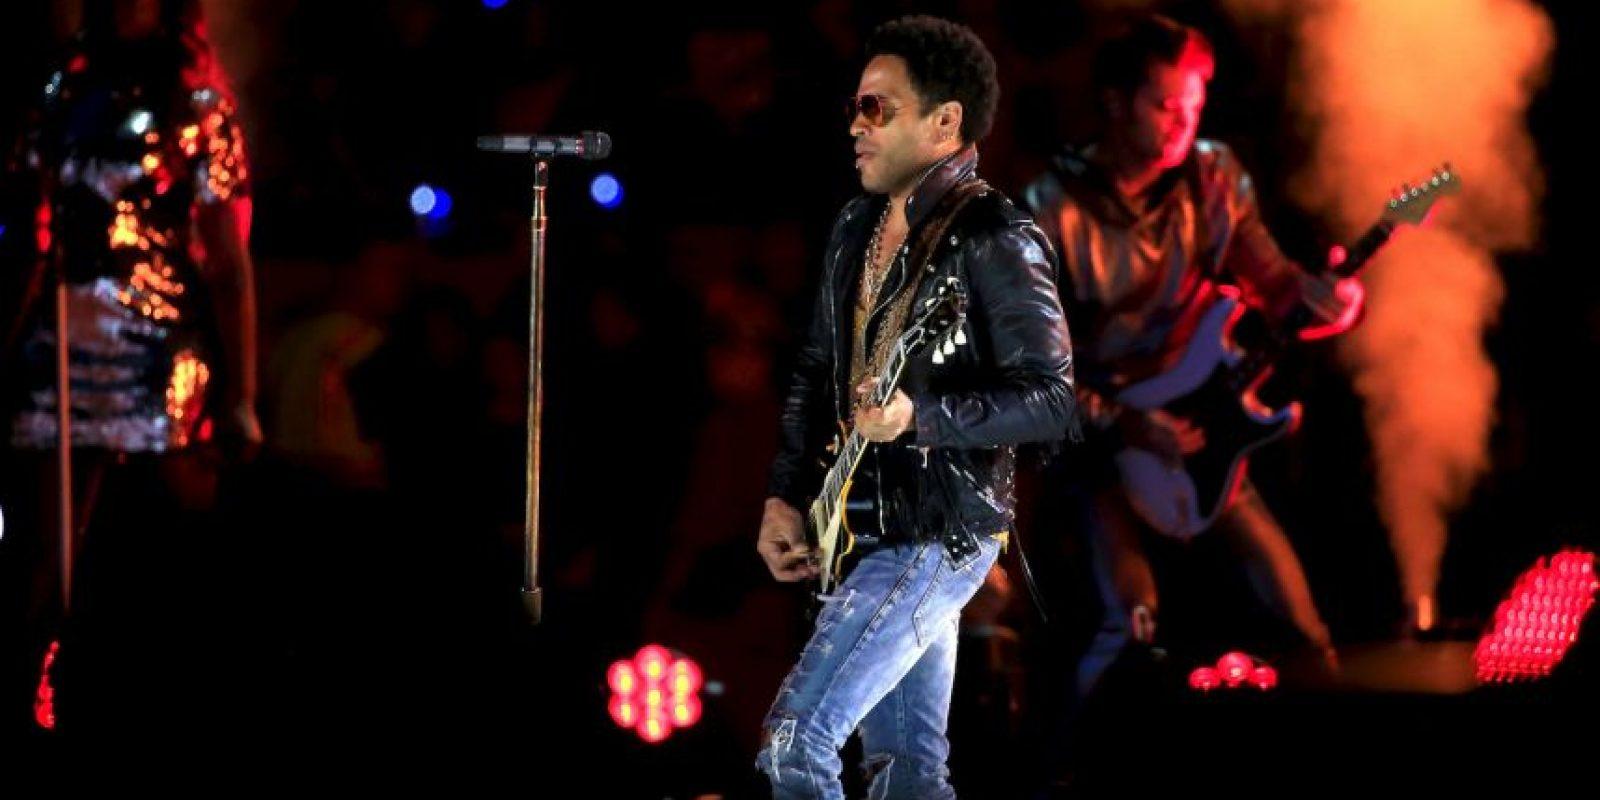 """Esta semana, Lenny Kravitz encendió las redes sociales por un """"accidente"""" que sufrió durante un concierto en Suecia. El pantalón del cantante y actor se rompió en plena actuación y quedaron al descubierto sus genitales. Foto:Vía instagram.com/LennyKravitz"""